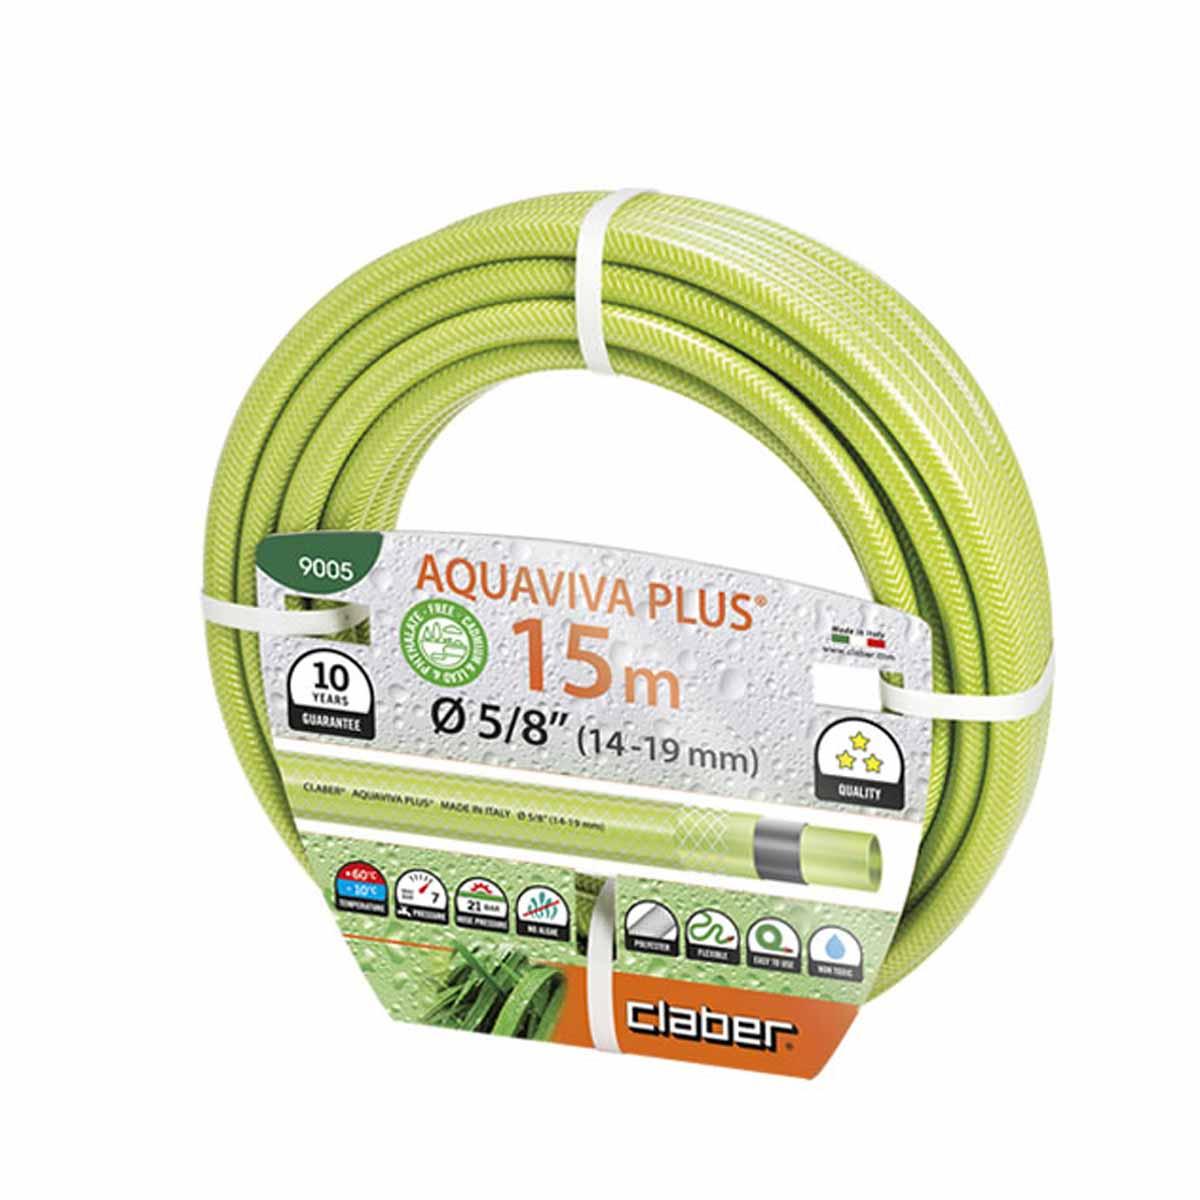 Claber Tubo Aquaviva Plus 15m 15mm∅